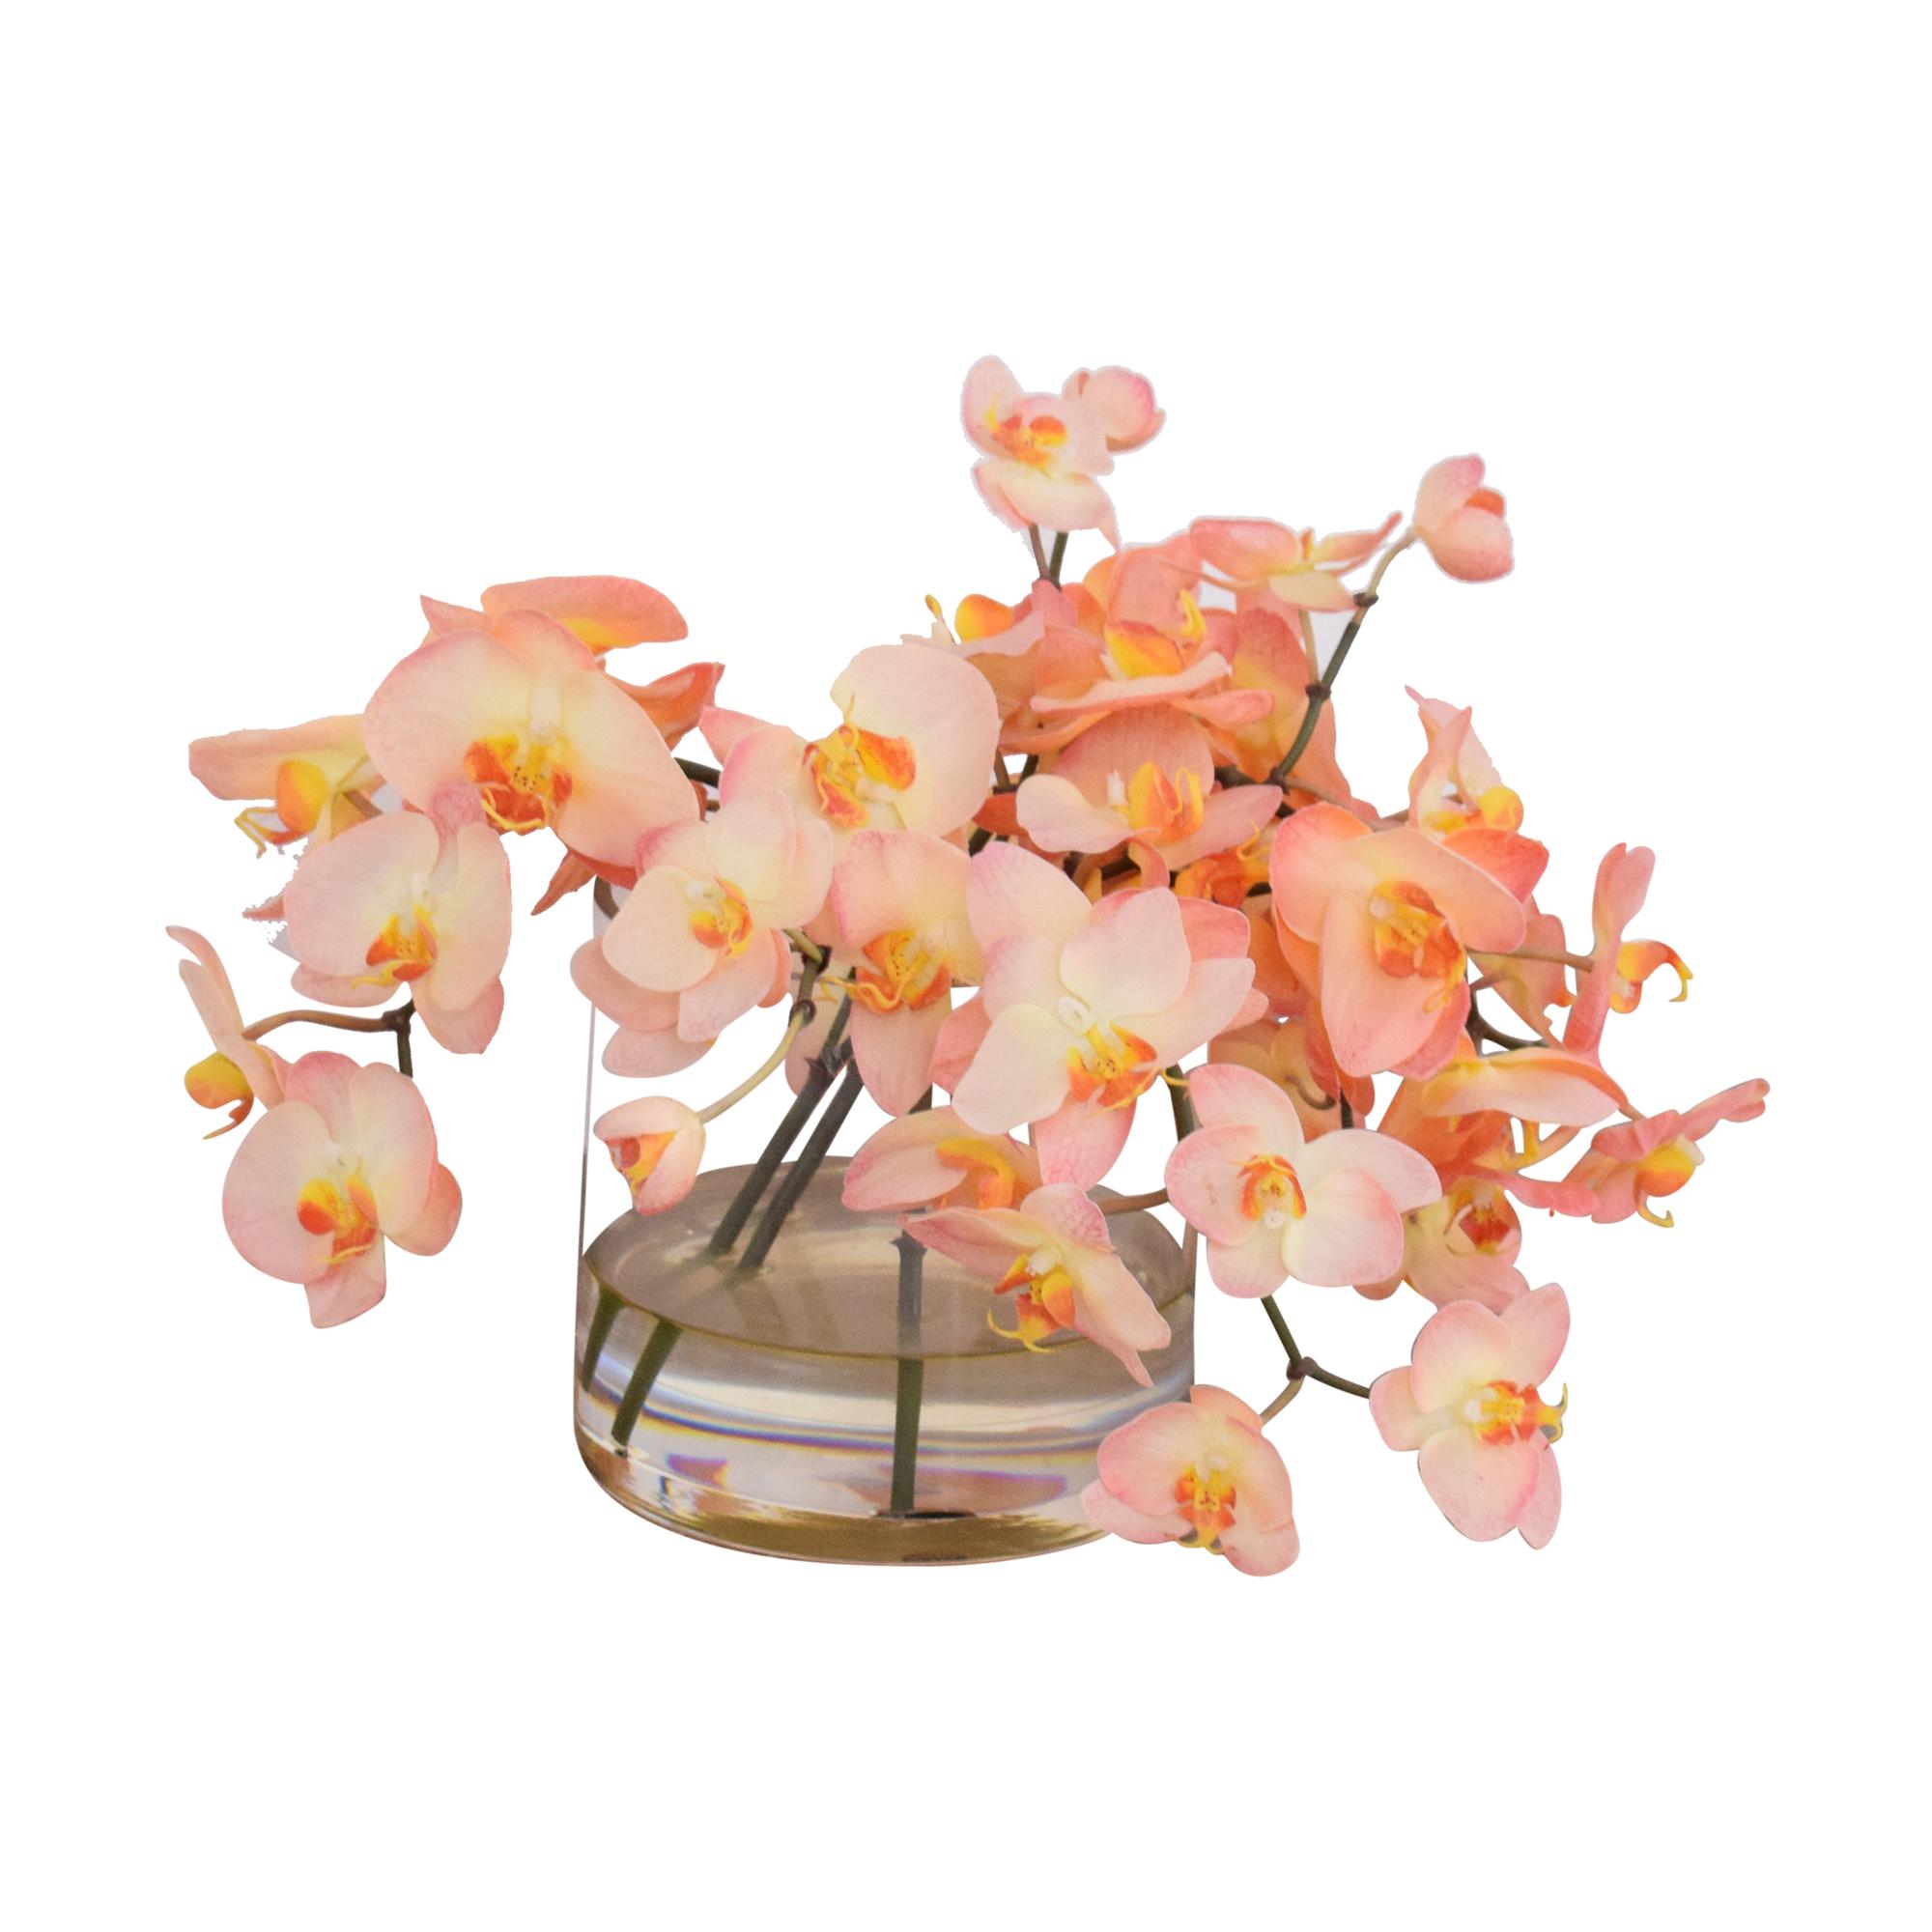 Ethan Allen Ethan Allen Decorative Vase of Orchids Decor